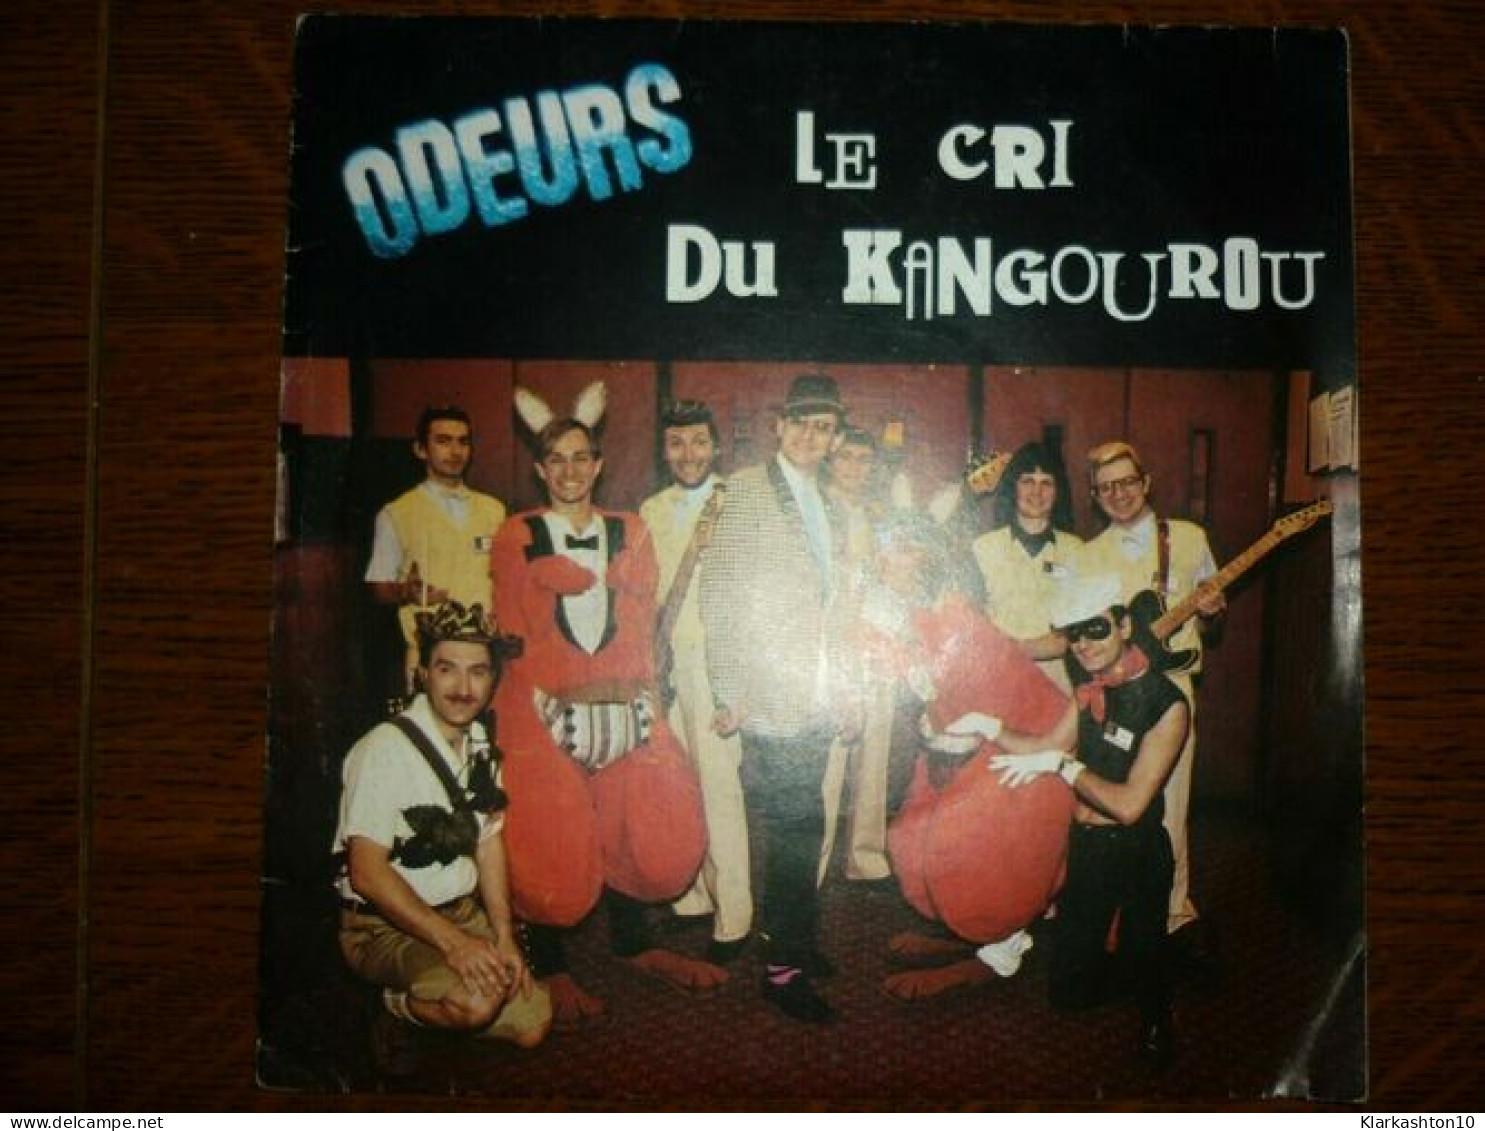 Odeurs: Le Cri Du Kangourou-Concours Lépine/ 45t WEA 721 714 - Vinyl Records